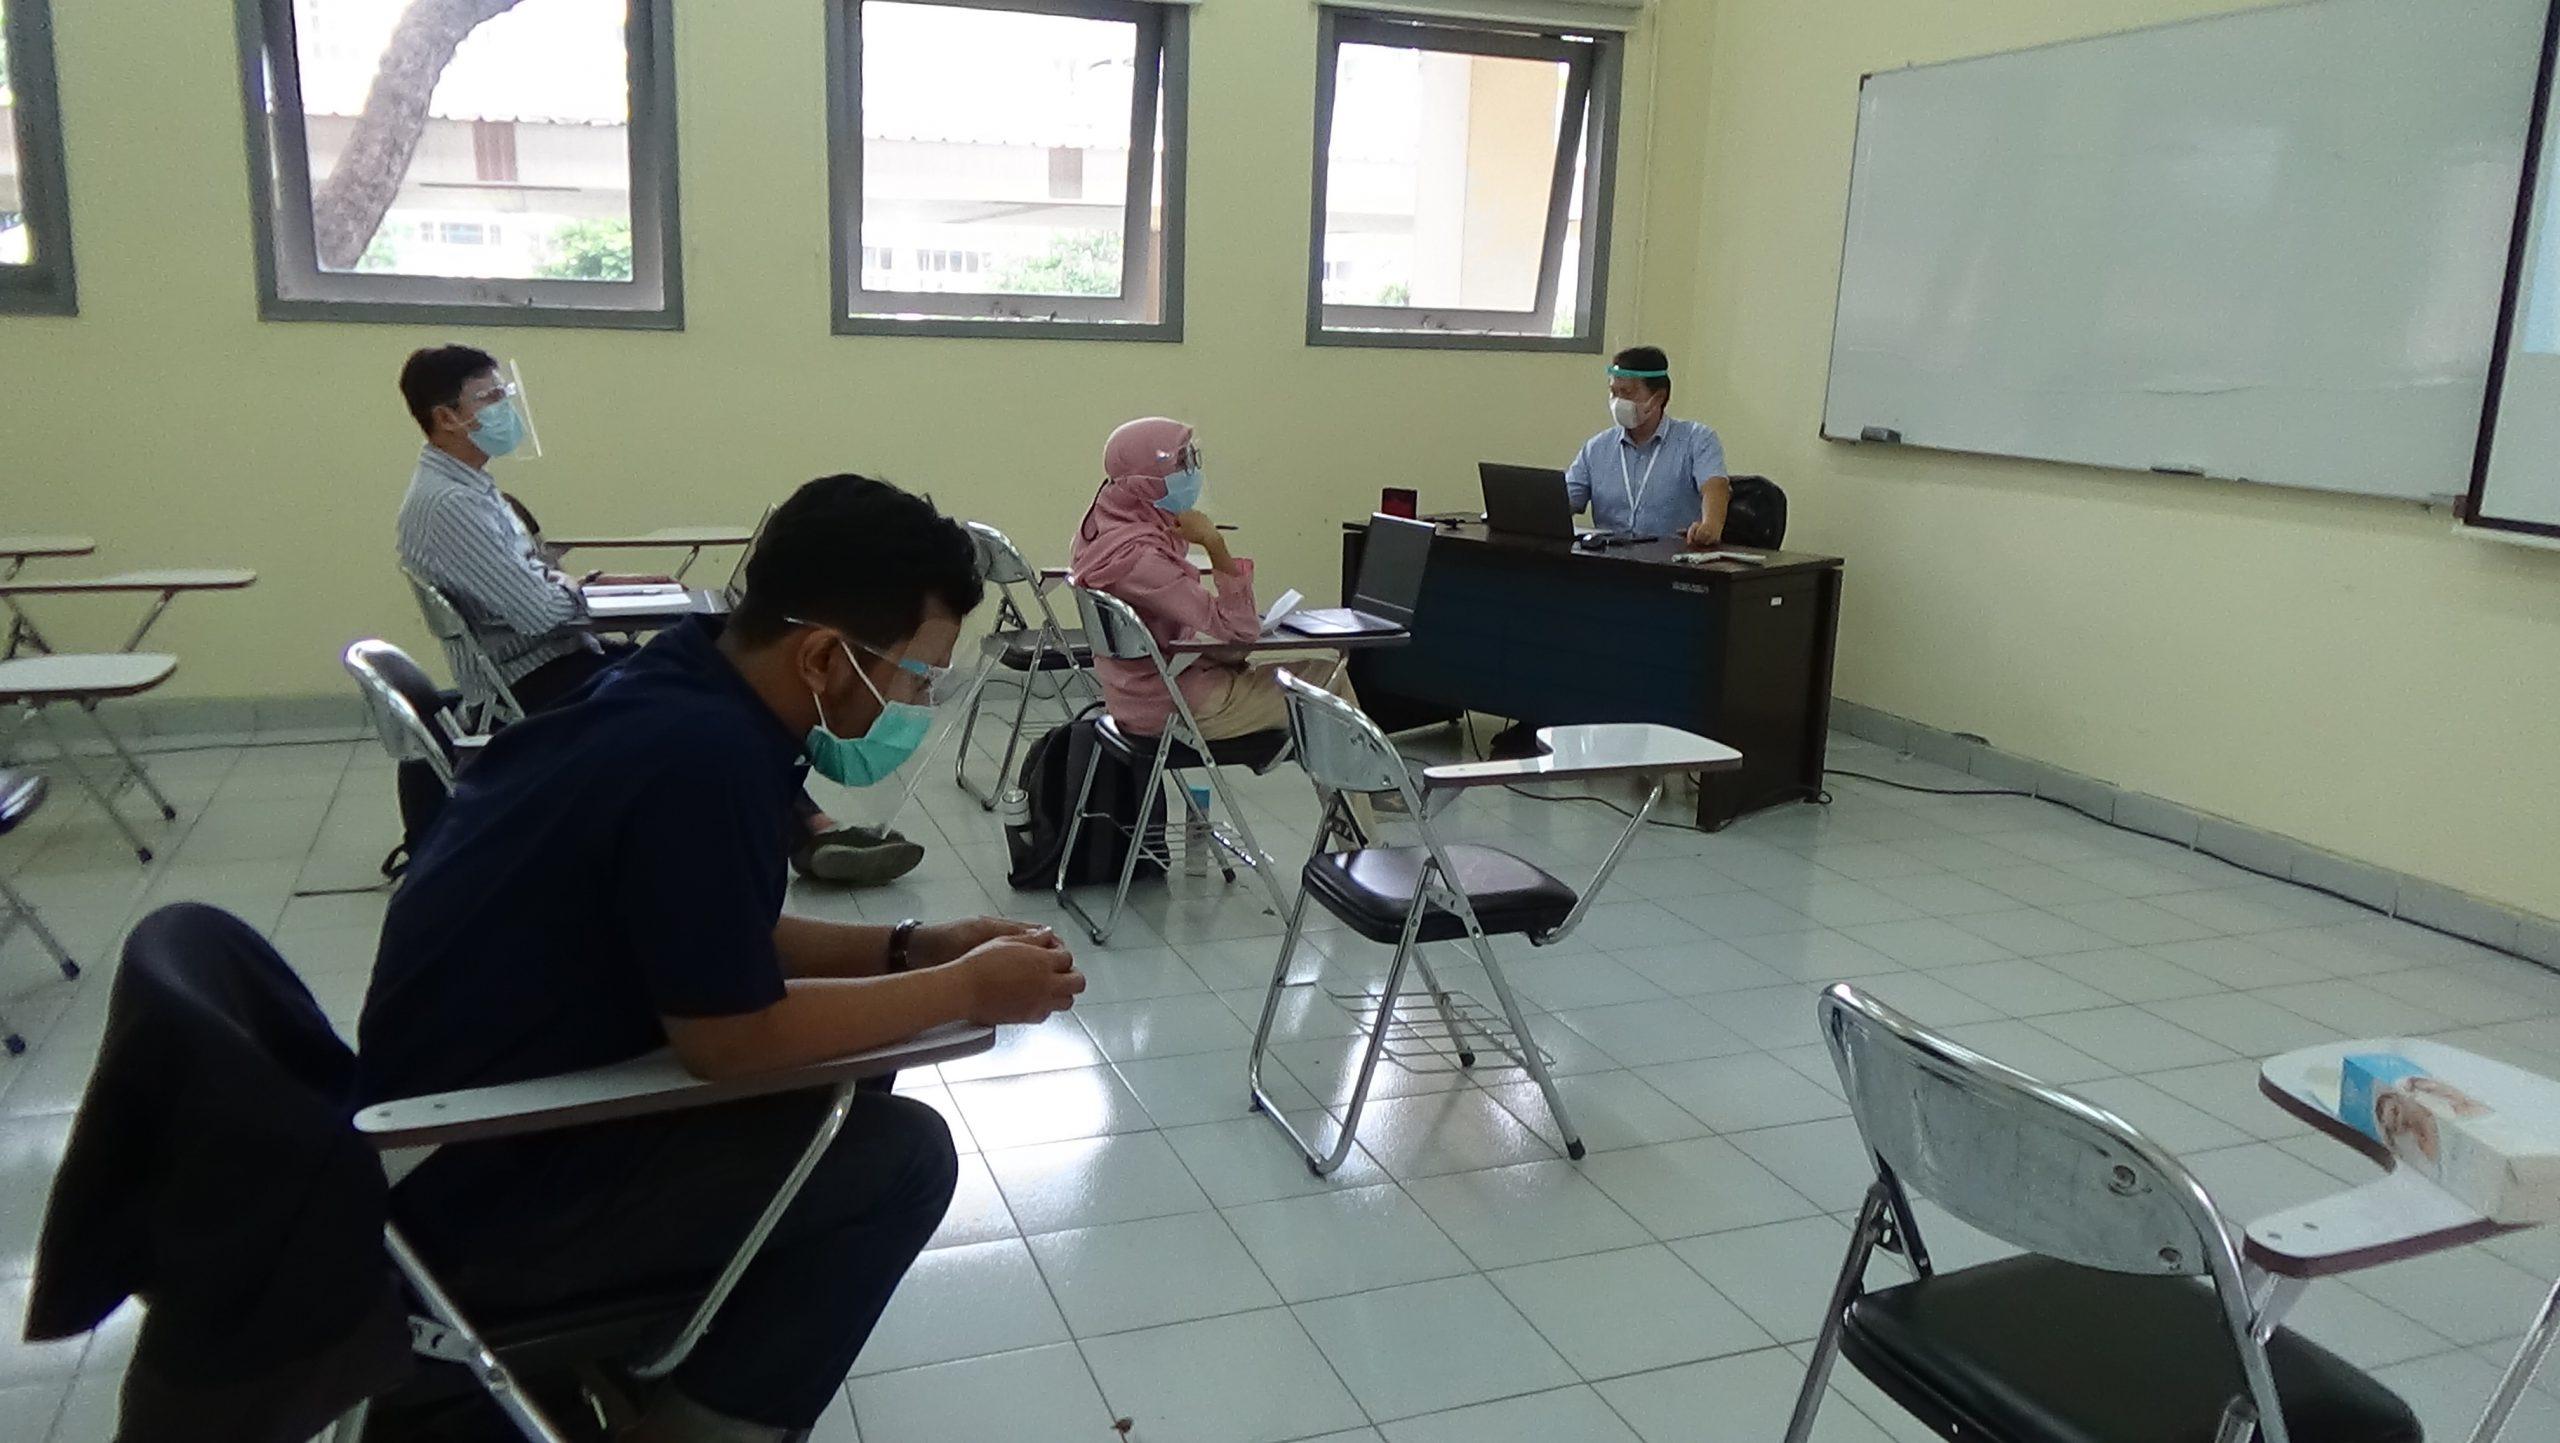 Penyelenggaraan Kuliah Hybrid di ITB Kampus Jatinangor untuk Program S2